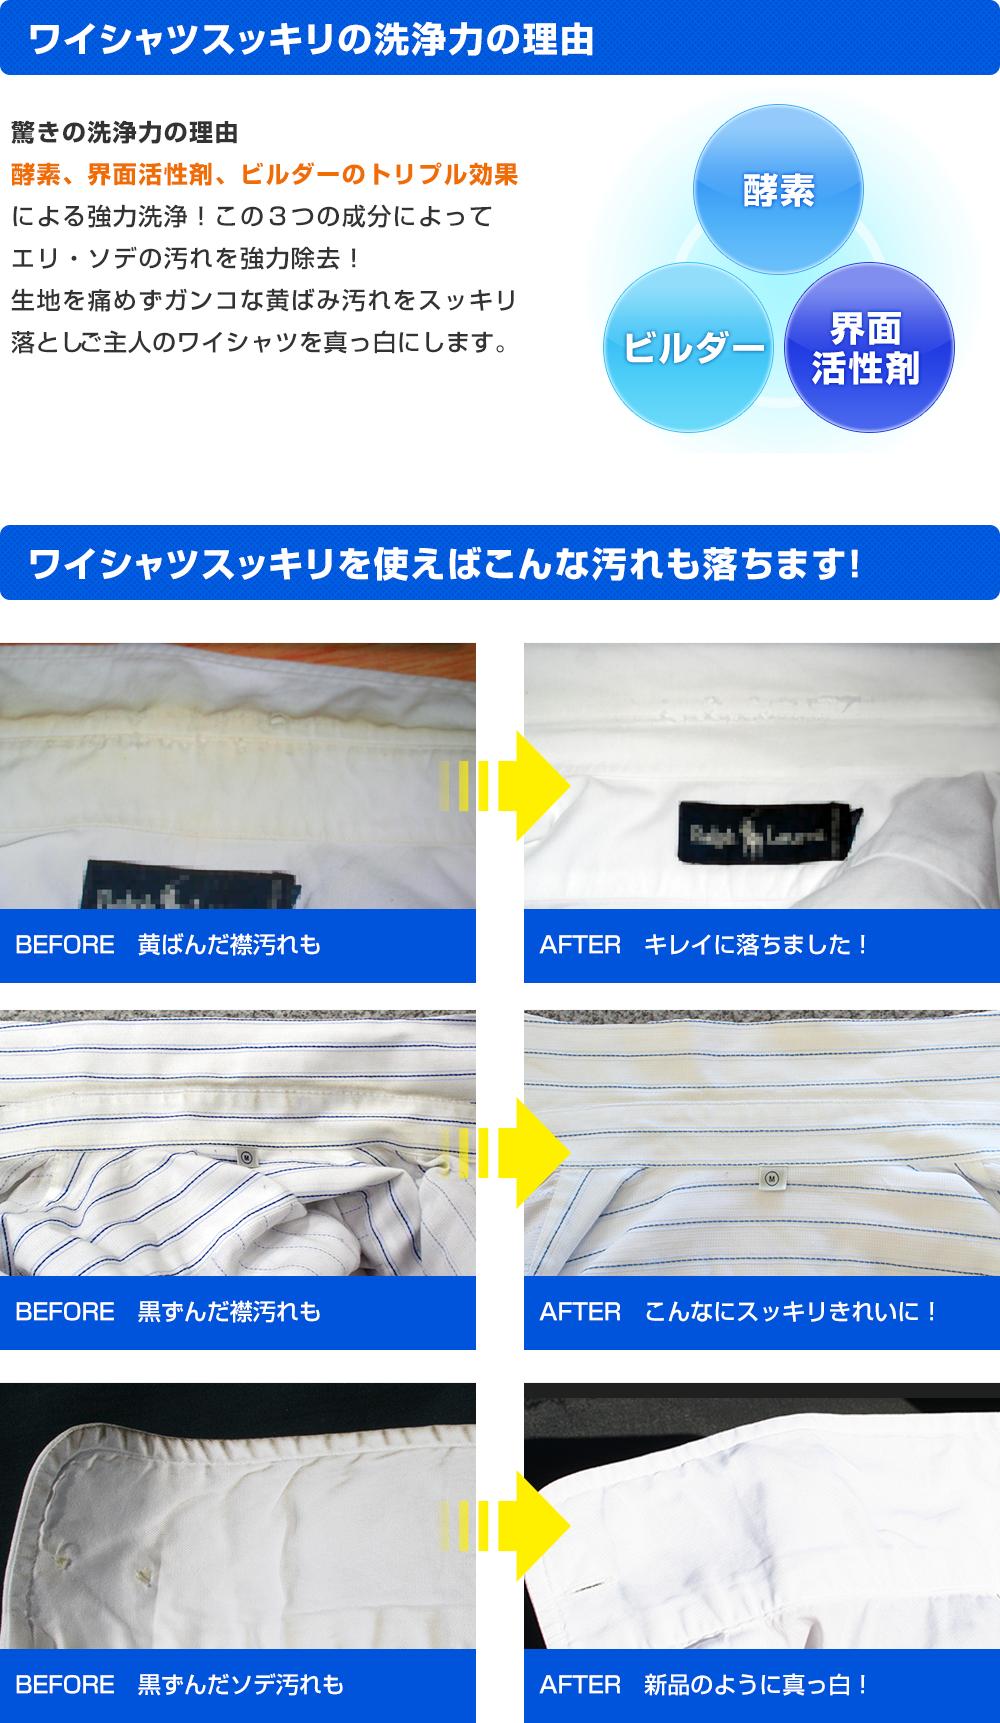 ワイシャツスッキリを使った汚れ落ちの比較